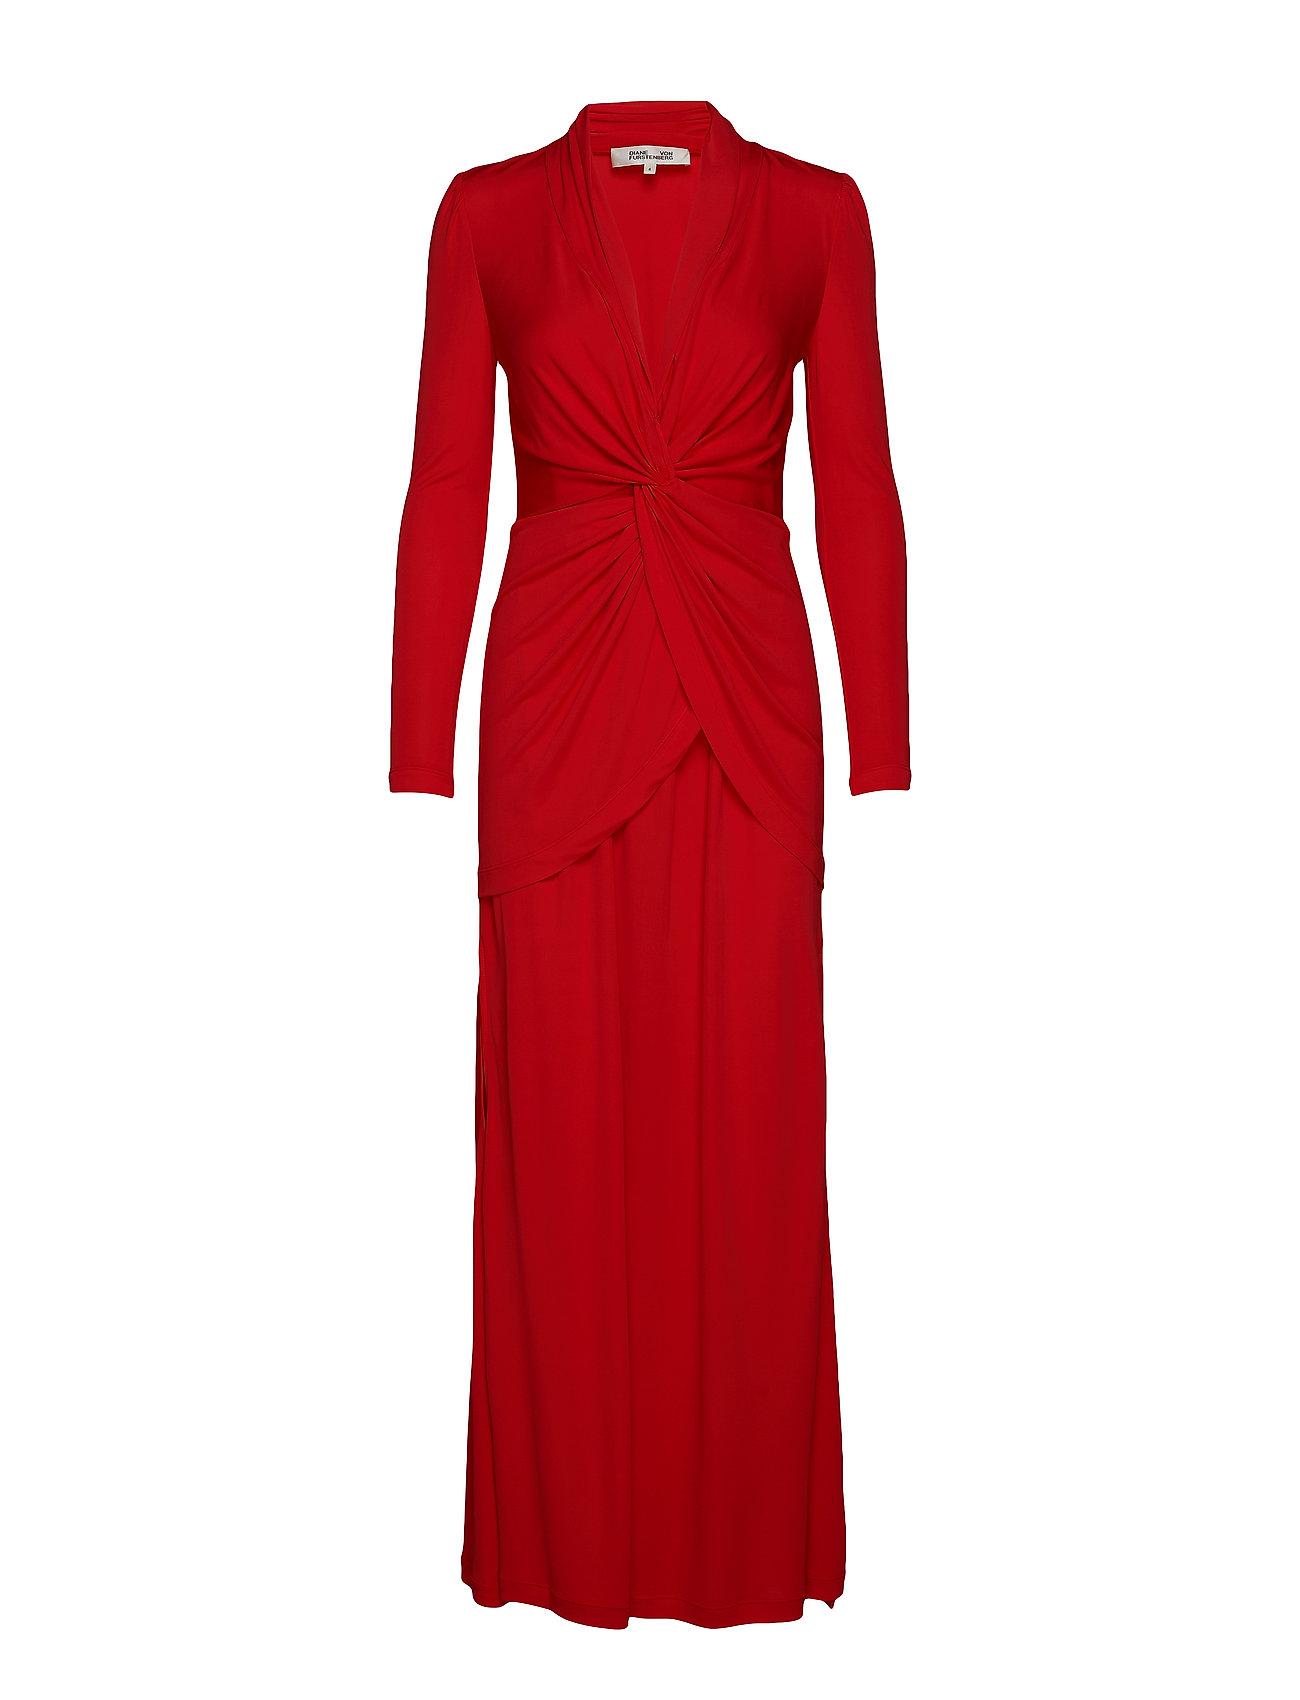 Diane von Furstenberg DVF STACIA GOWN - CANDY RED